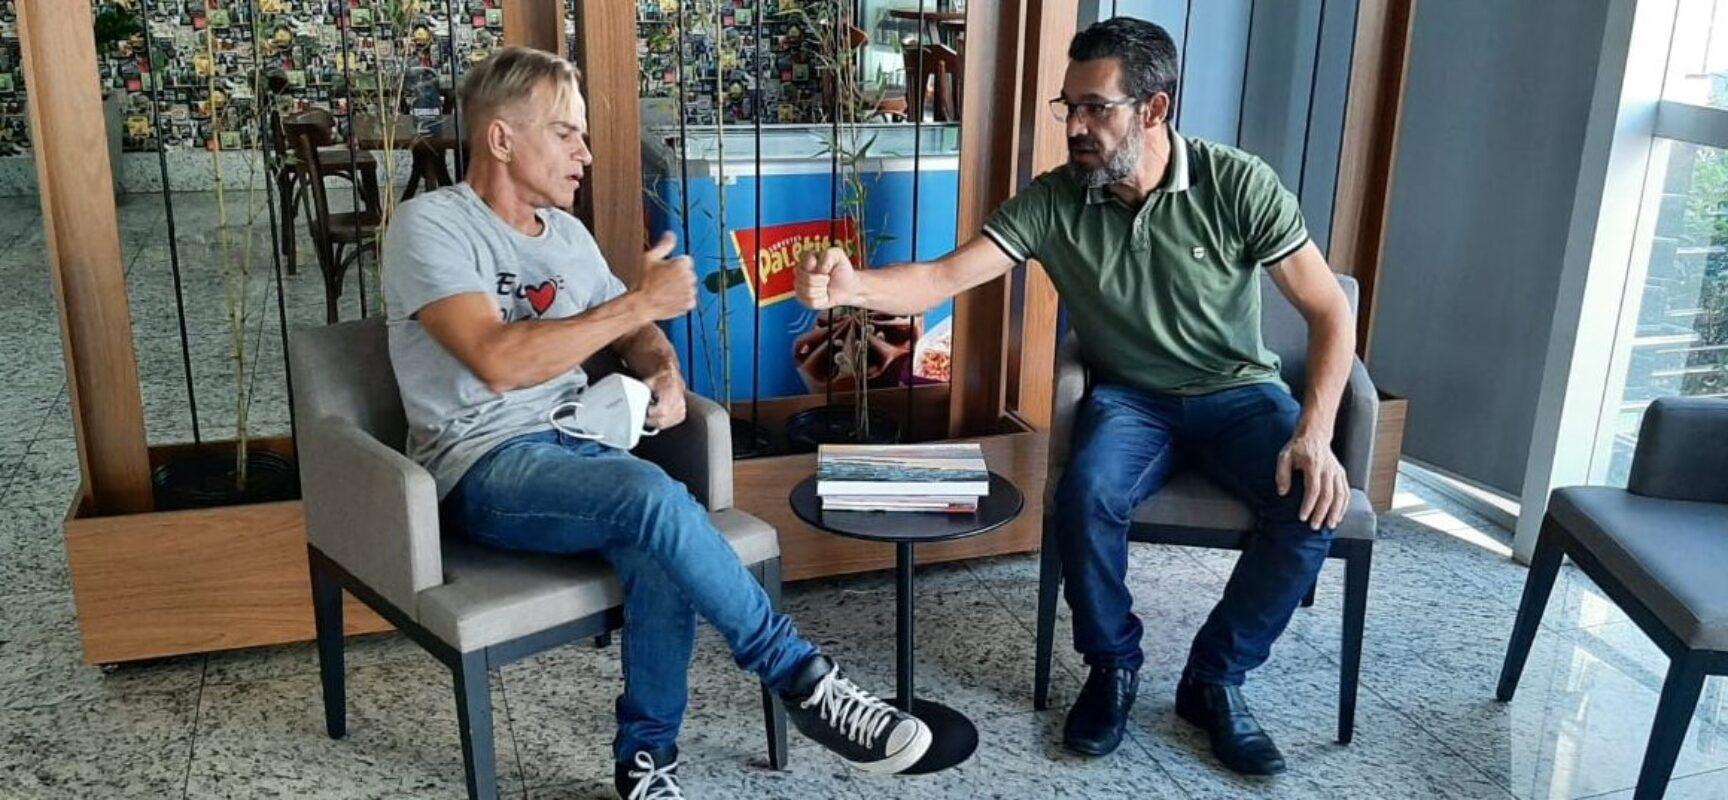 Vereador de Ilhéus LUCA LIMA participa de encontro com o ex-prefeito de Colatina, SÉRGIO MENEGUELLI.